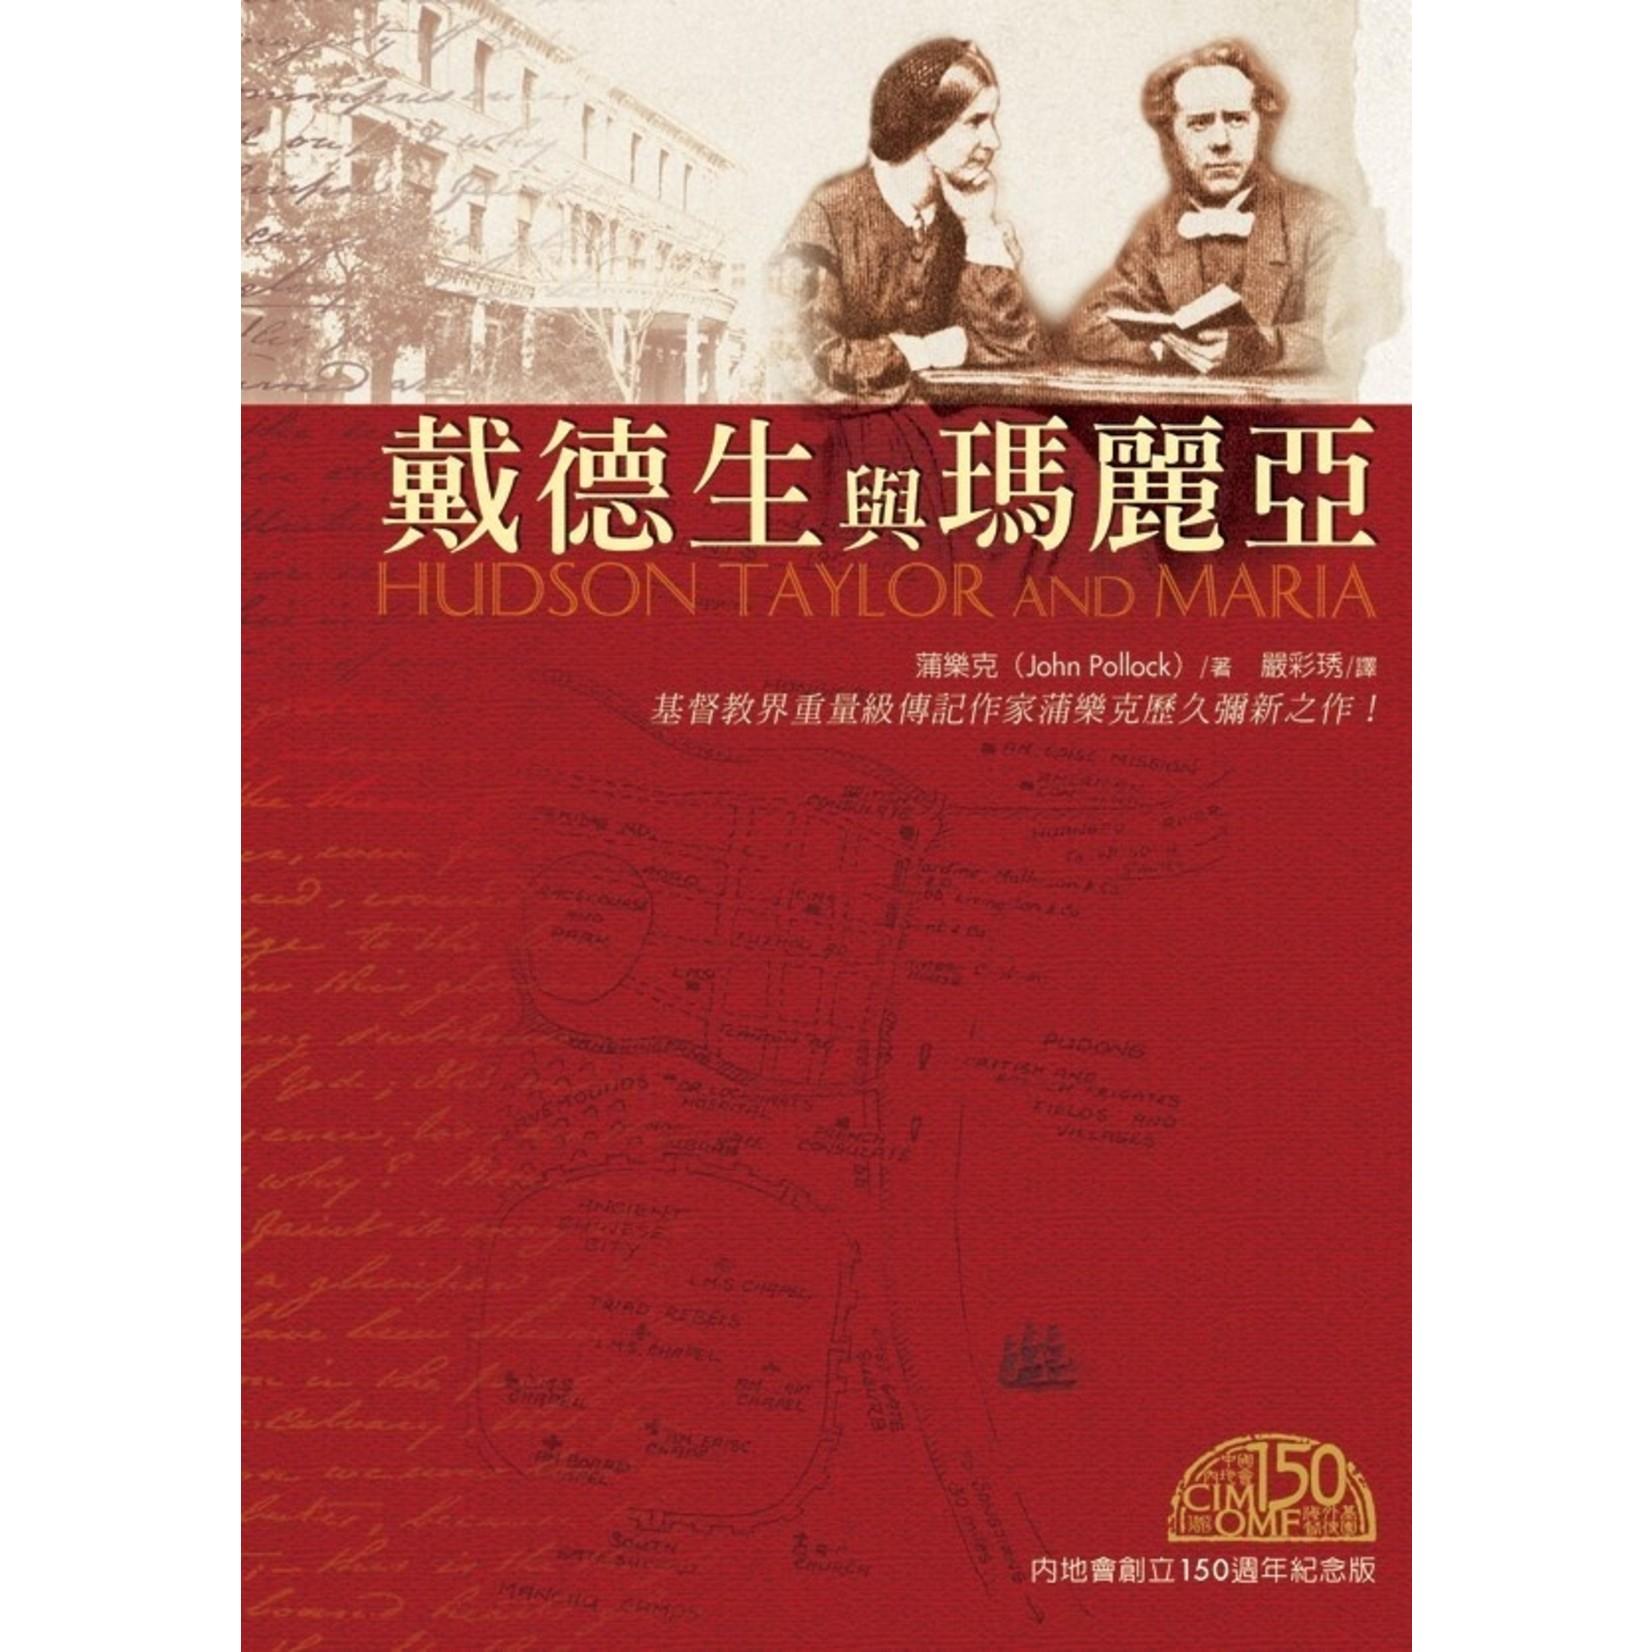 校園書房 Campus Books 戴德生與瑪麗亞(內地會創立150週年紀念版)  Hudson Taylor and Maria